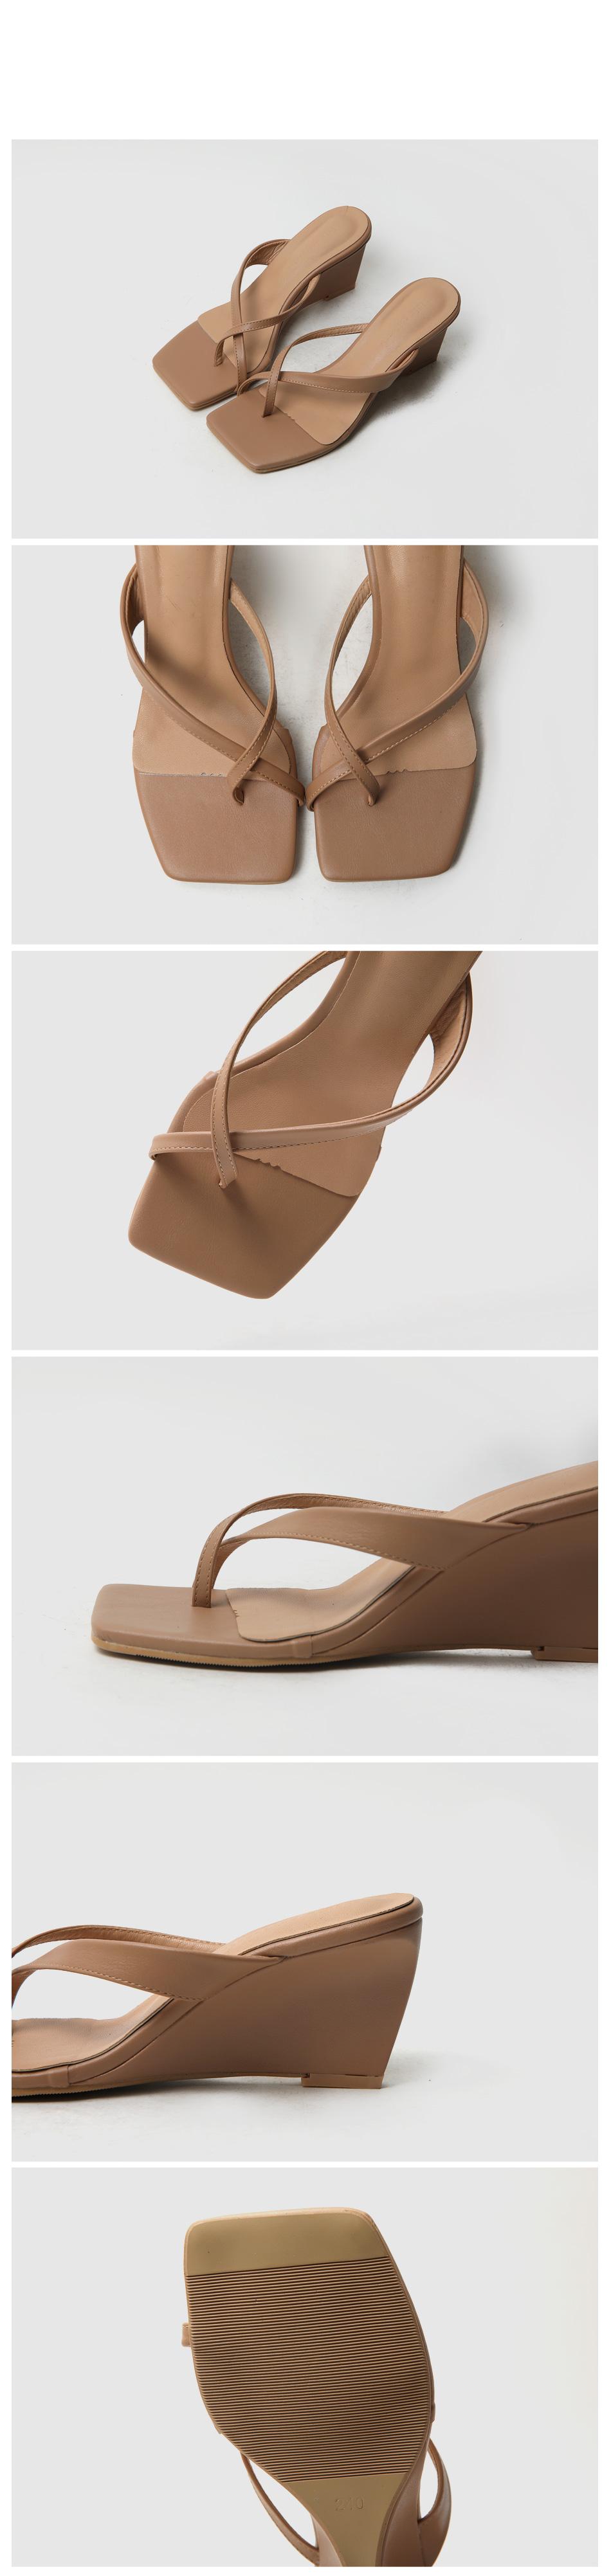 Reeve Wedge Split Mule Slippers 7cm